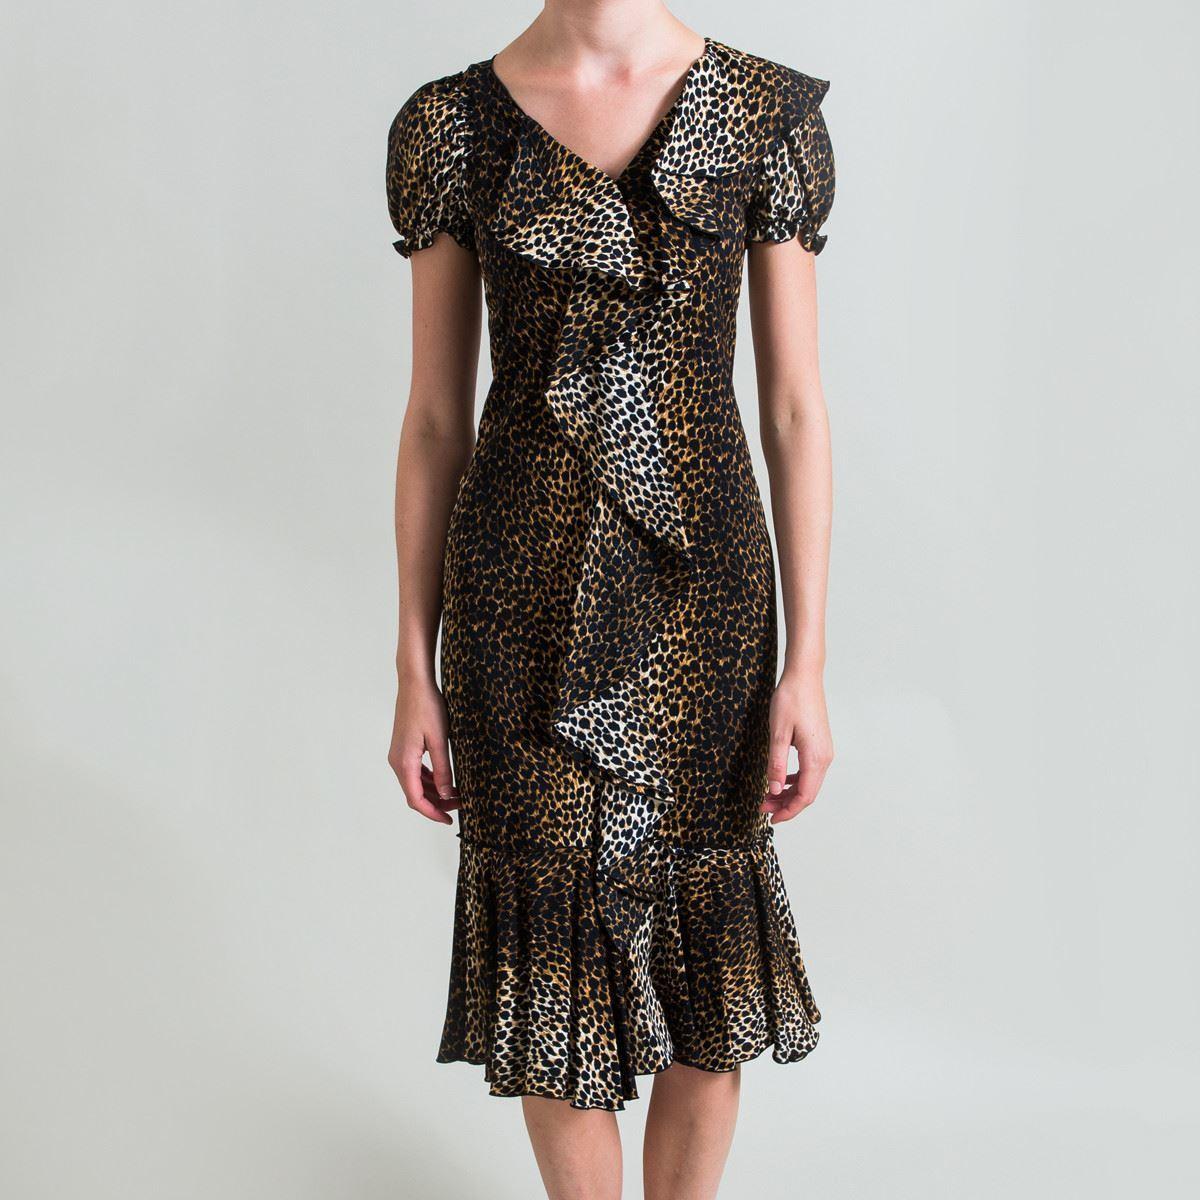 D&G D&G D&G Ruffled Leopard Print Dress - Size 36 b1c213